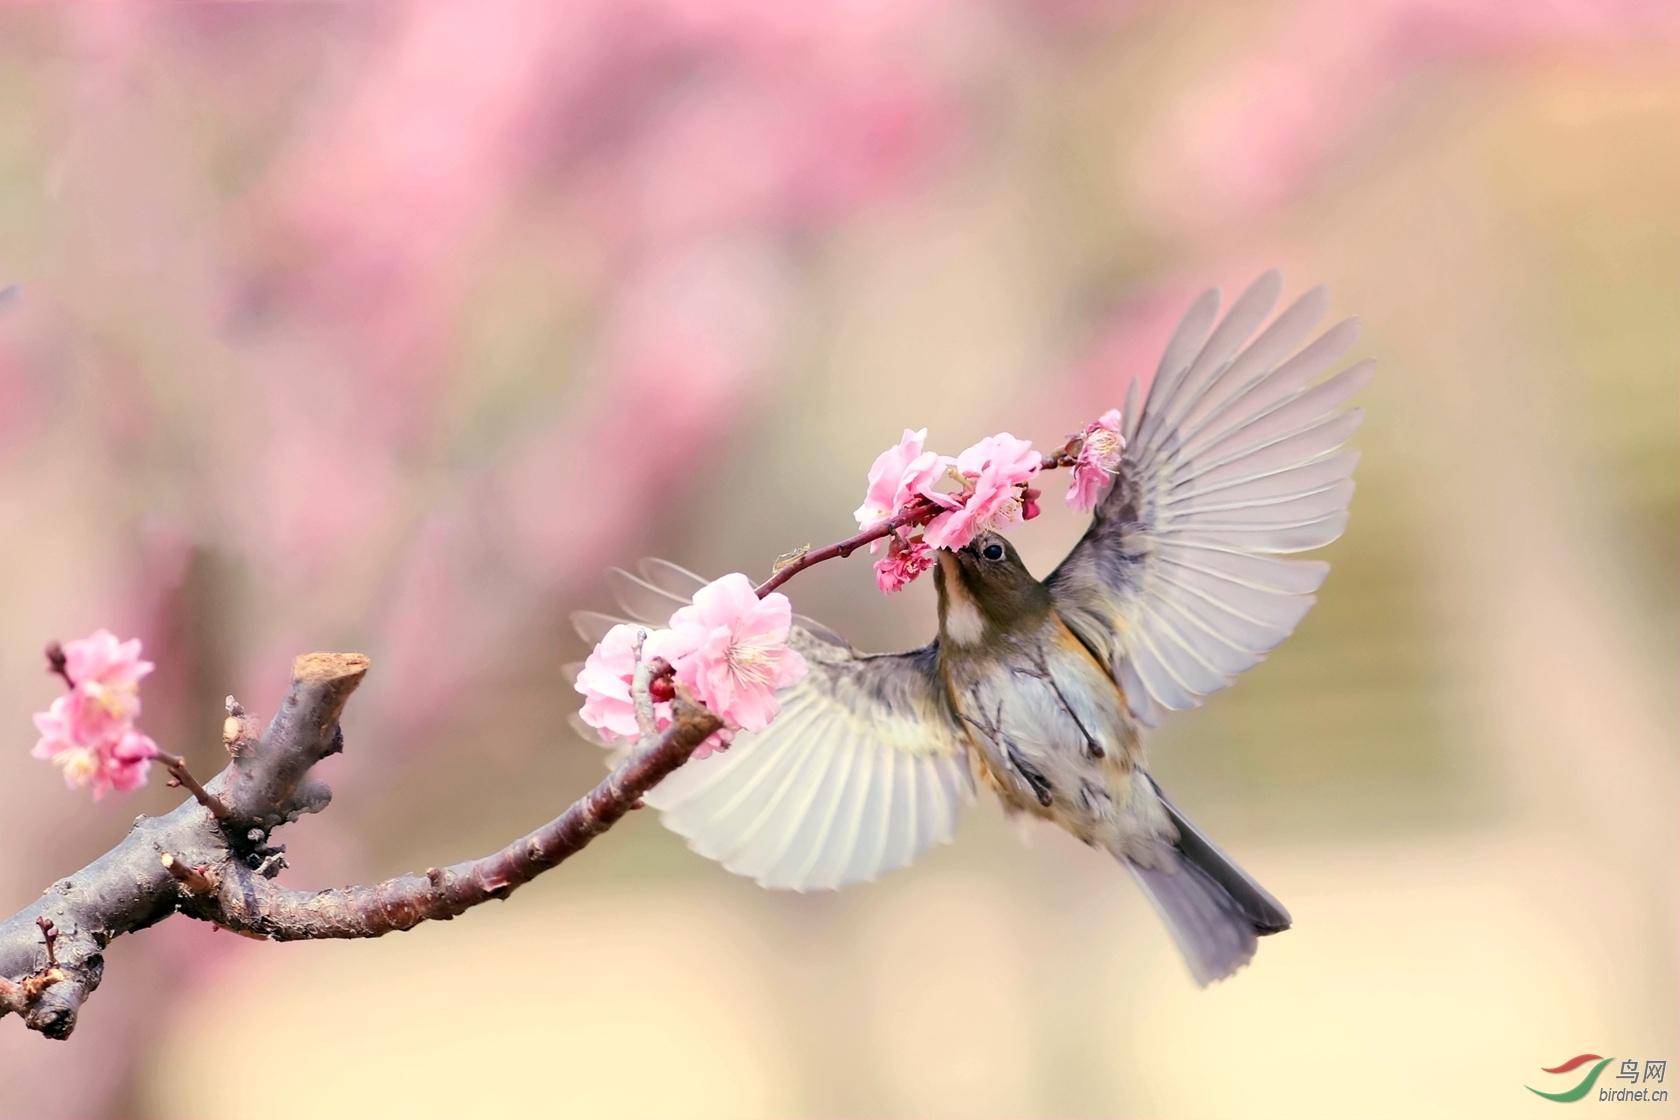 鸟从花里带香飞